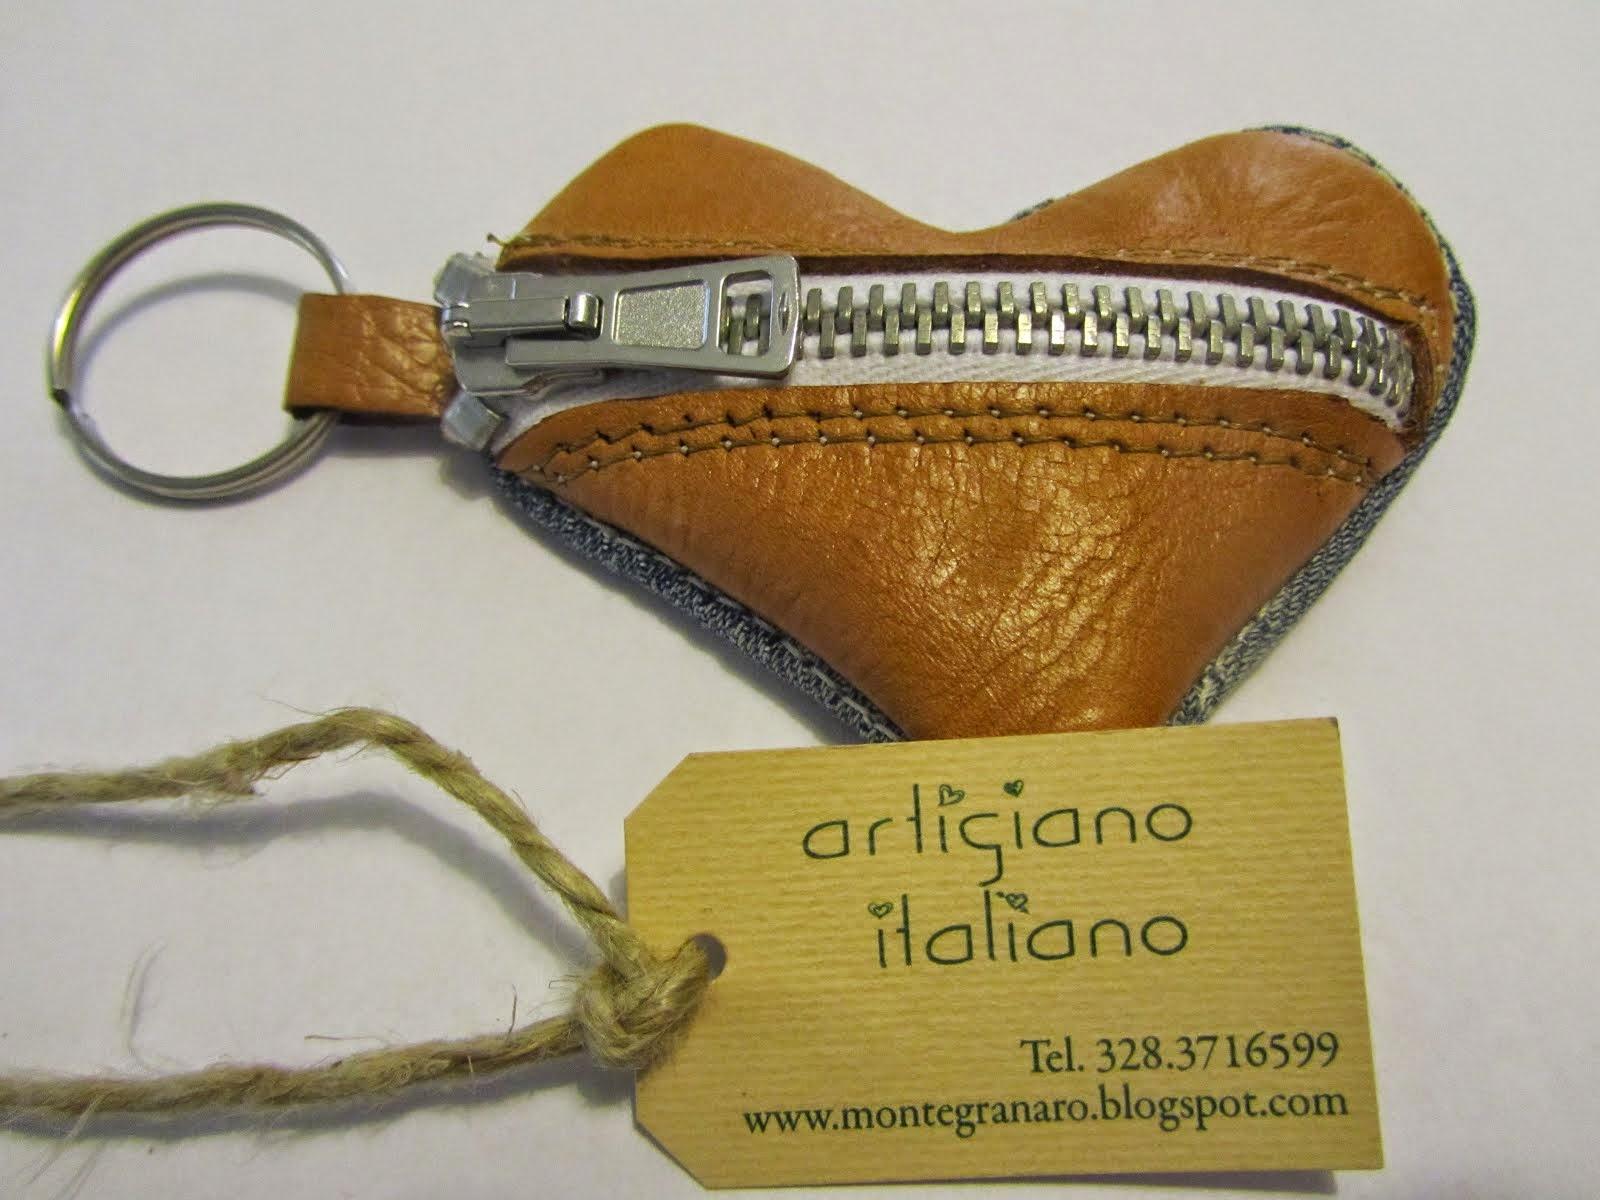 Artigiano che realizza e vende borsellini personalizzati